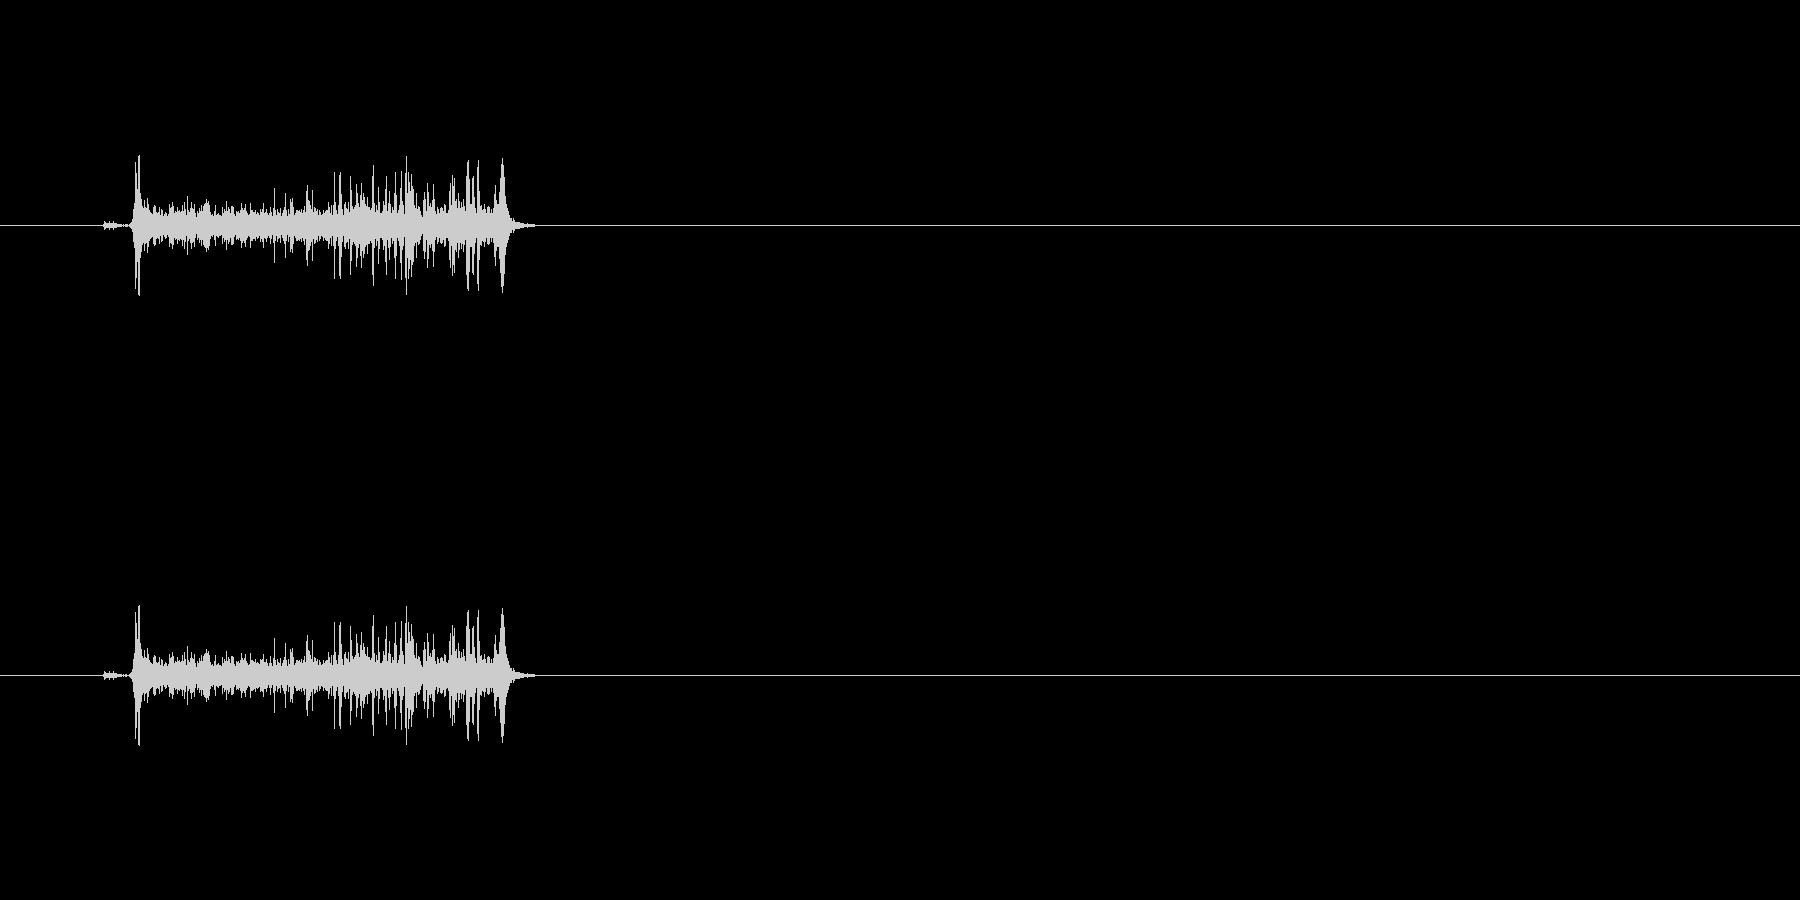 【カメラ フォーカス01-1】の未再生の波形